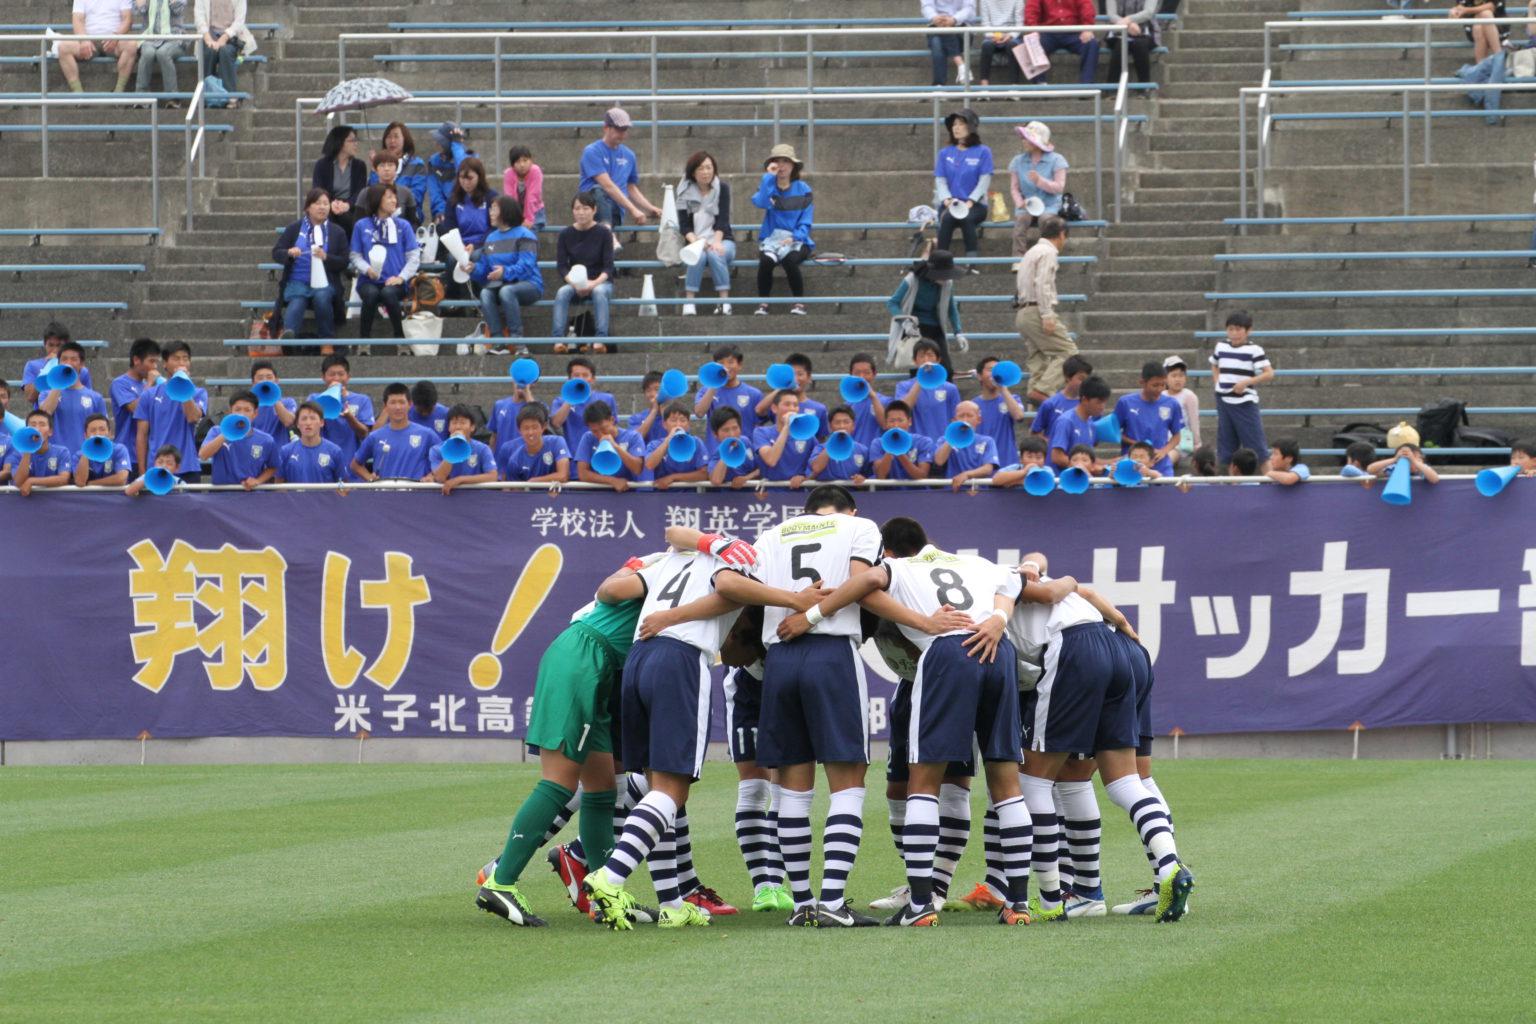 プレミアリーグ第5節・2-4敗戦。1勝4敗、勝ち点3